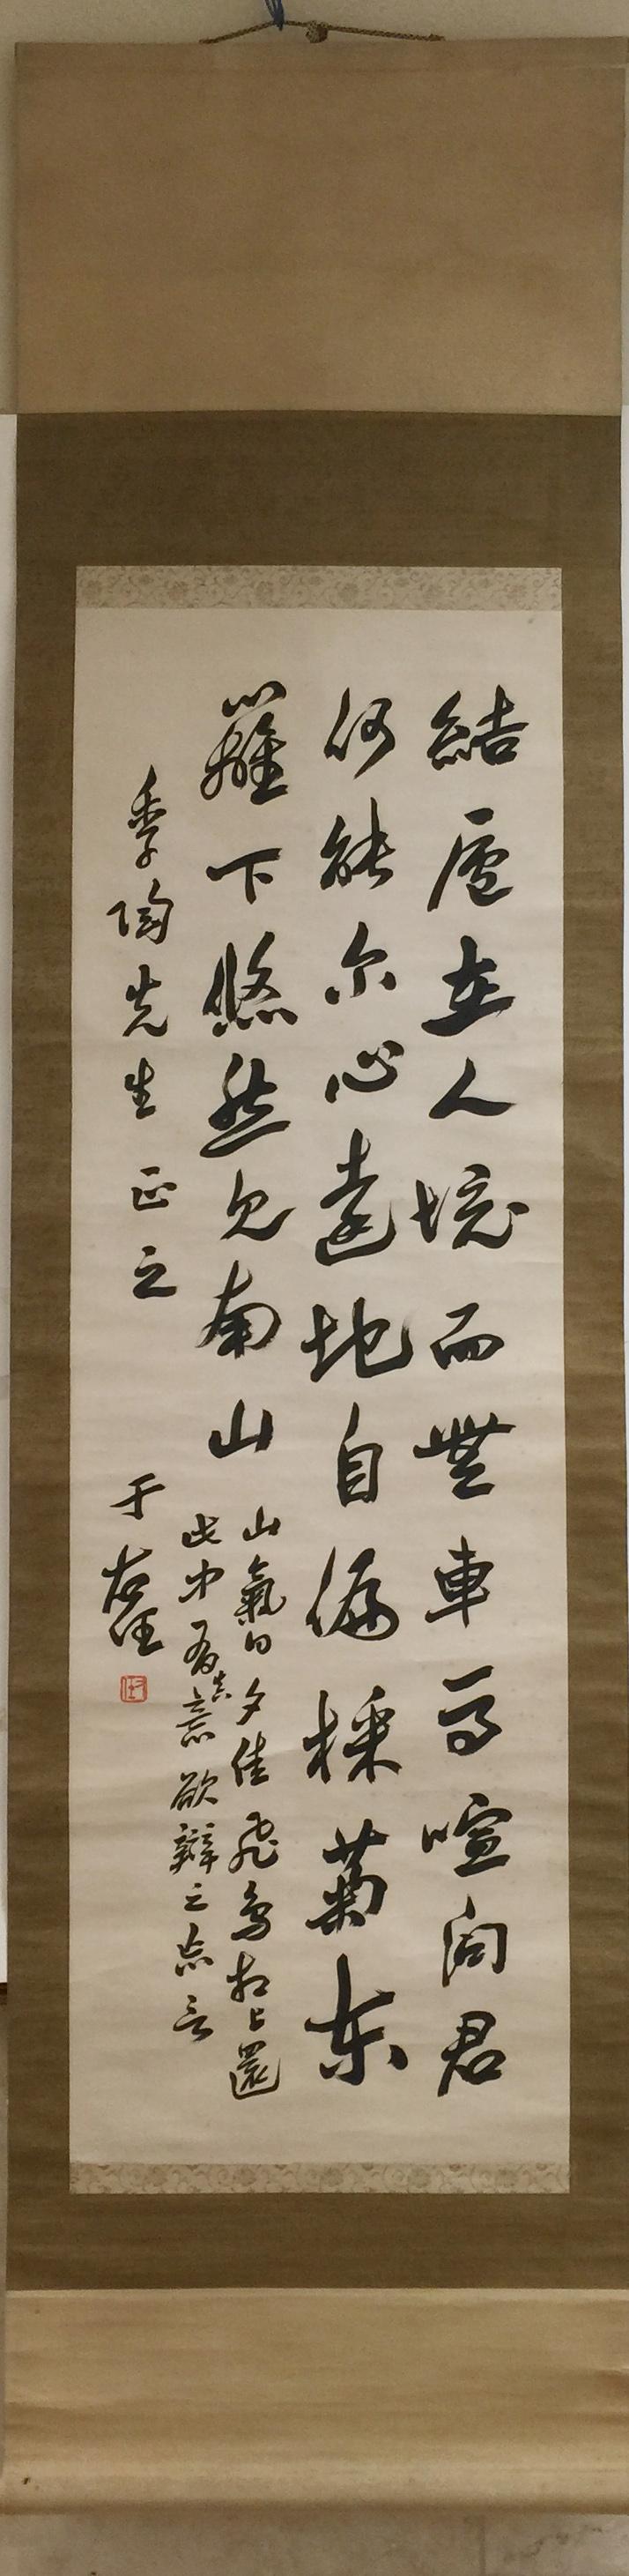 Yu Youren(1879£1964), Calligraphy